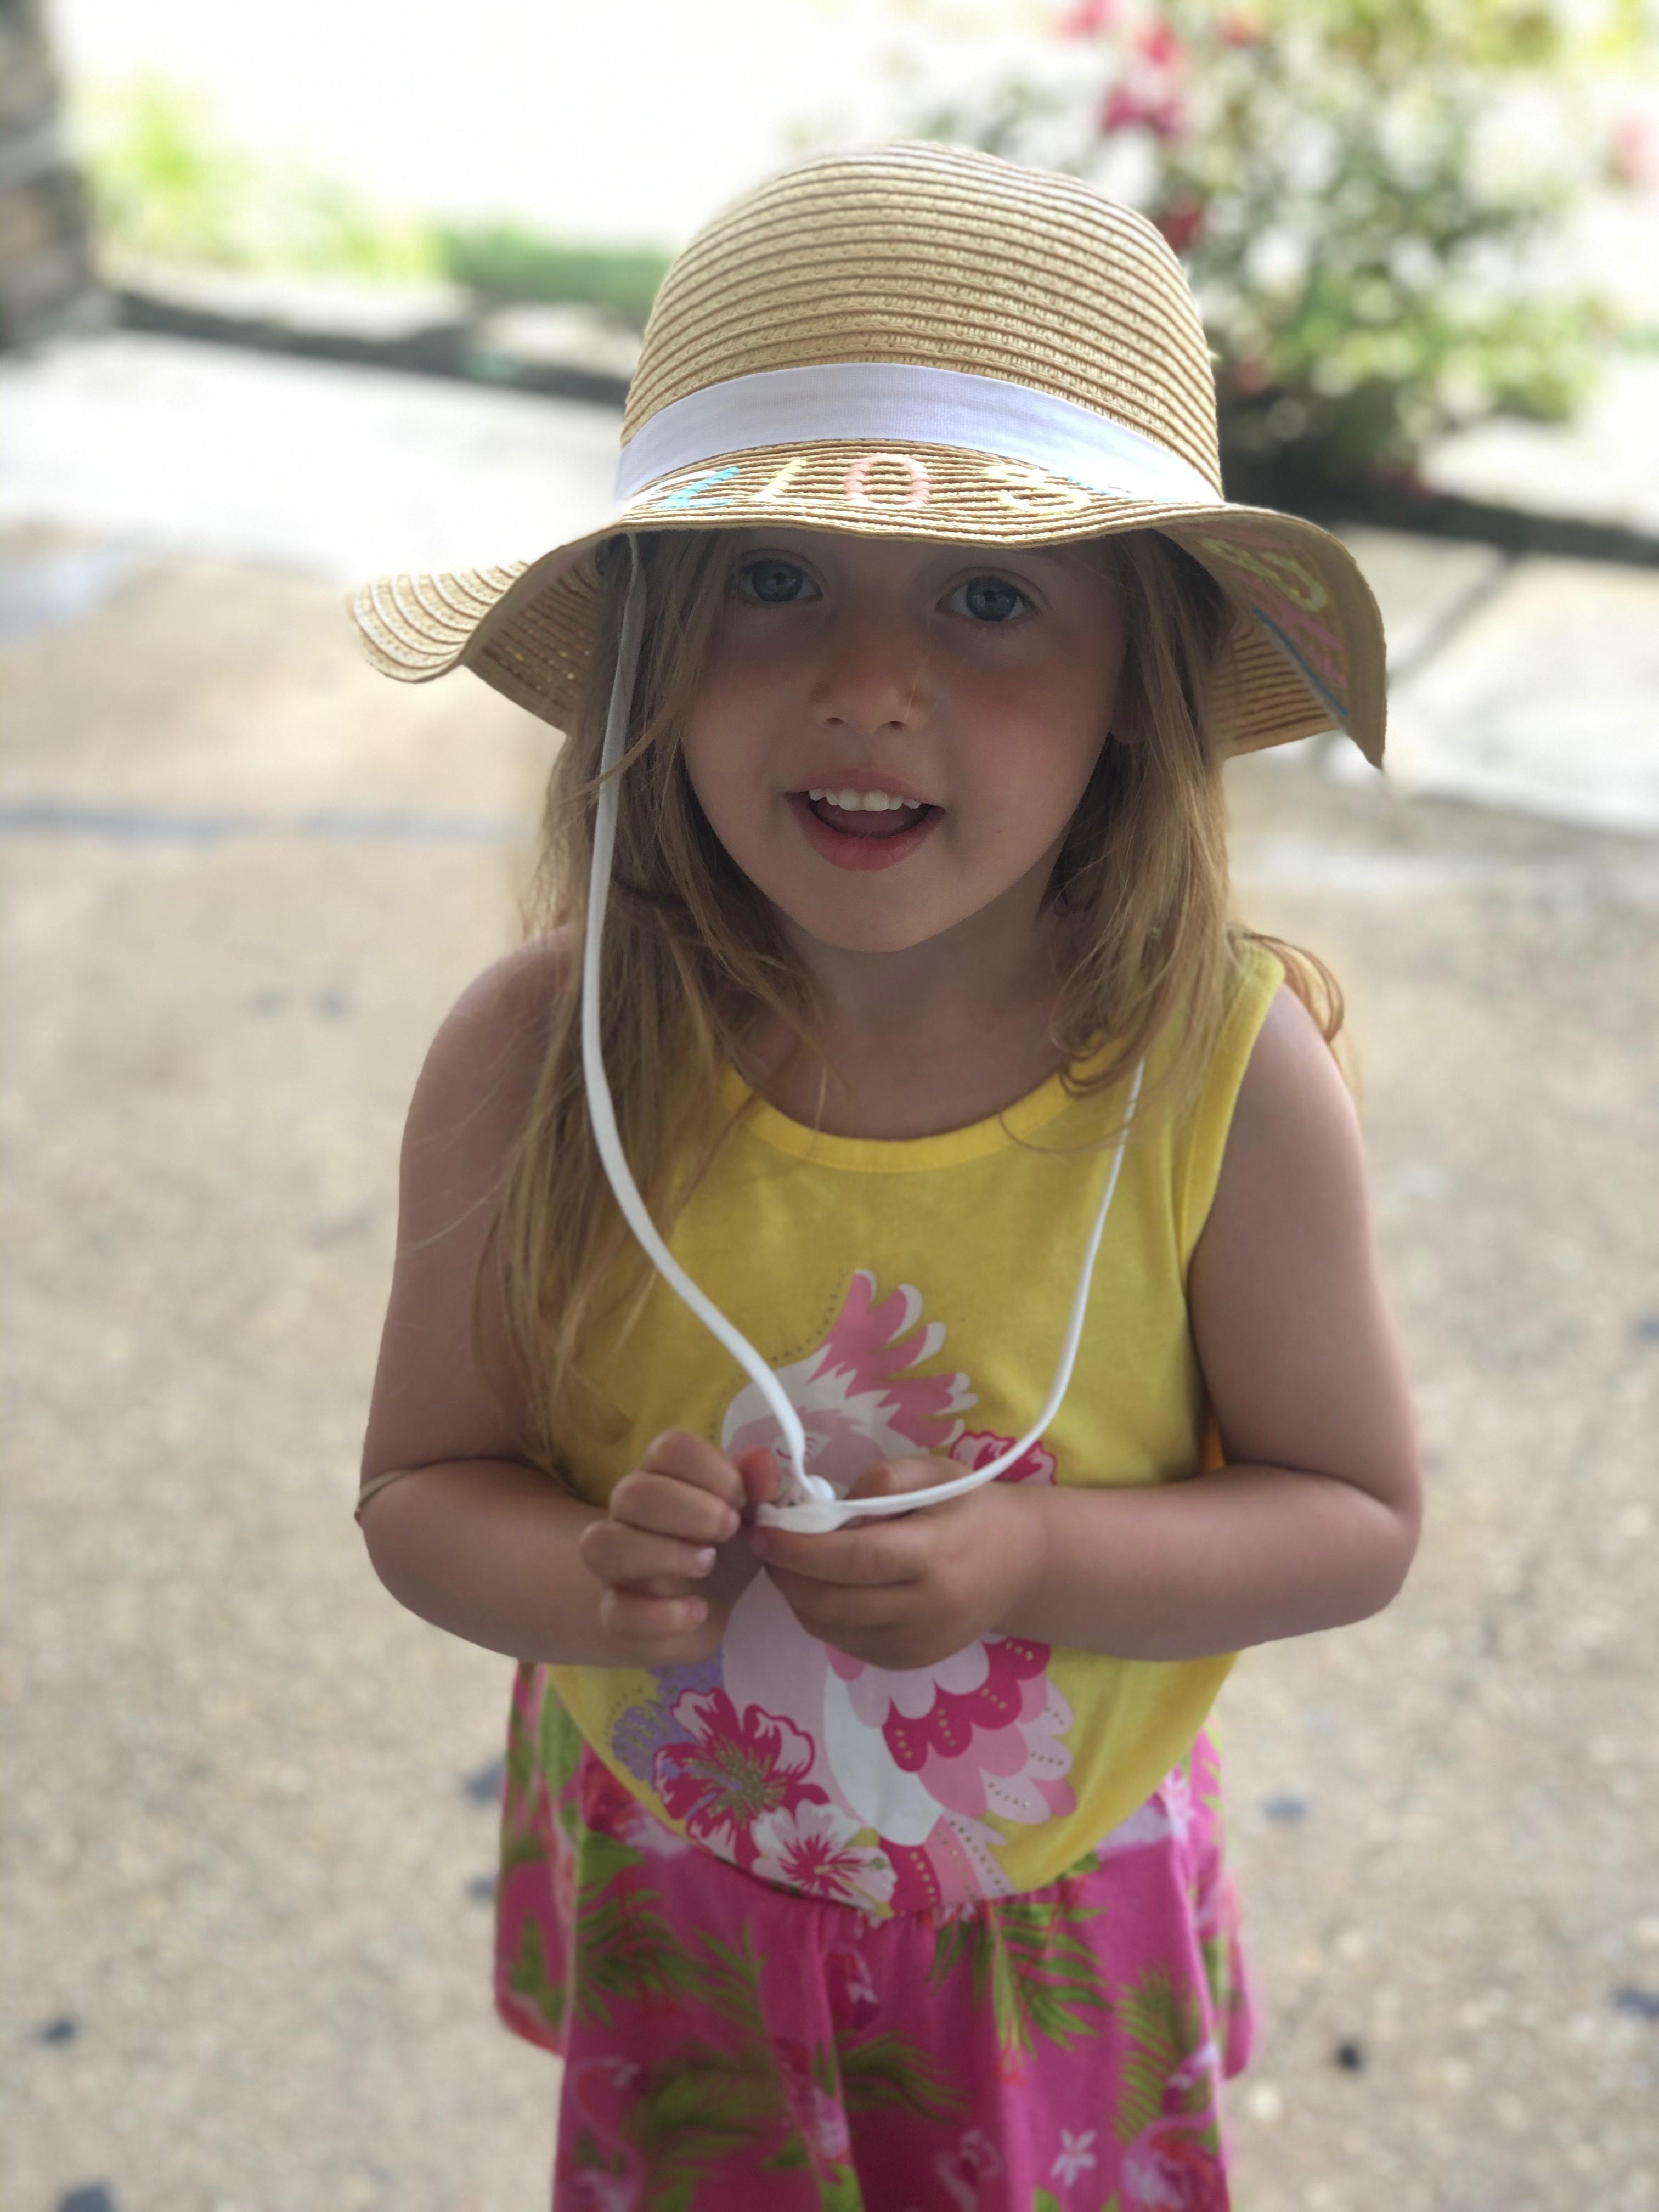 Kids Floppy Beach Hat / Hello Sunshine